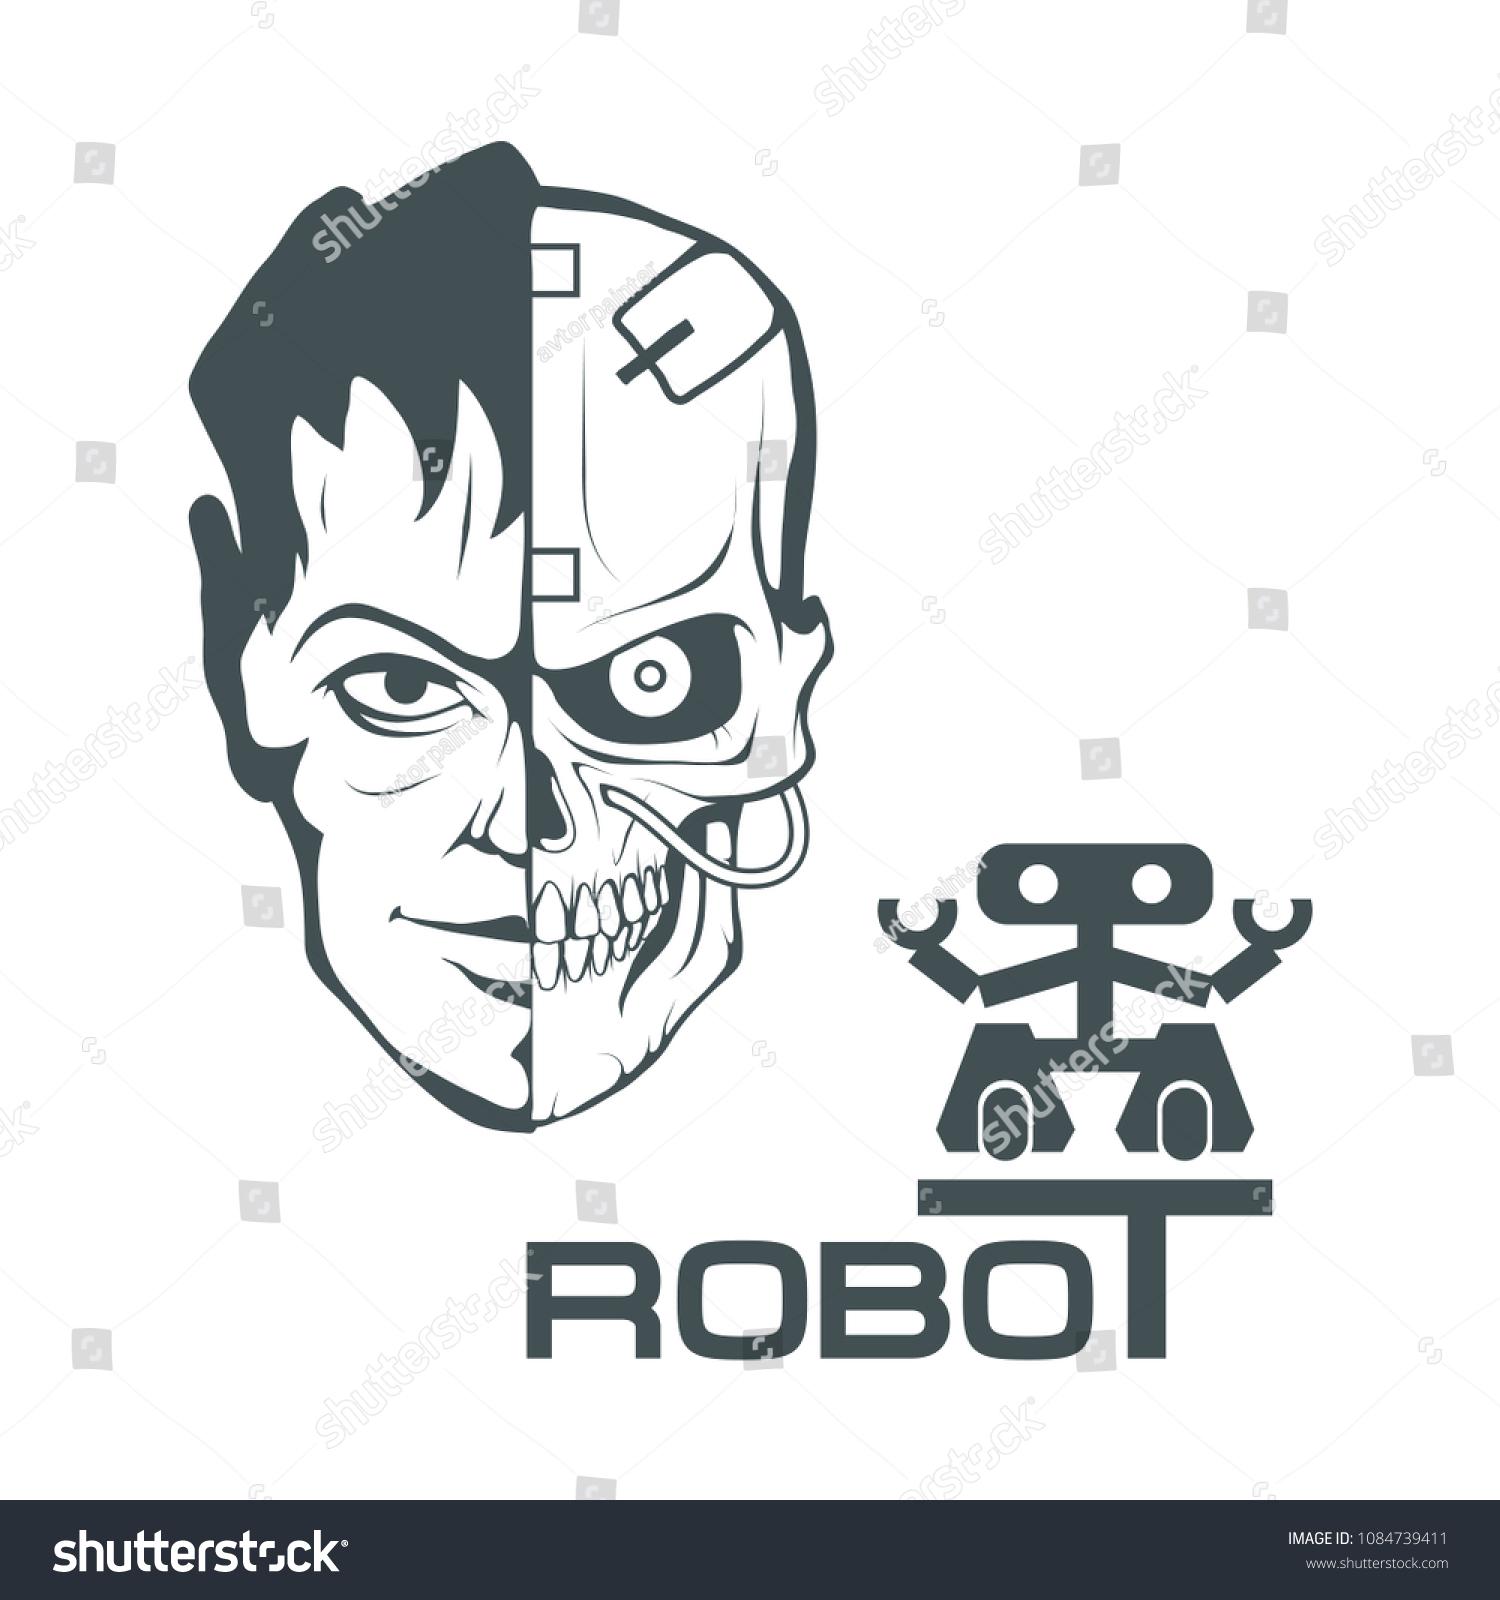 Robotic Face Robot Logo Design Robotics Stock Vector Royalty Free